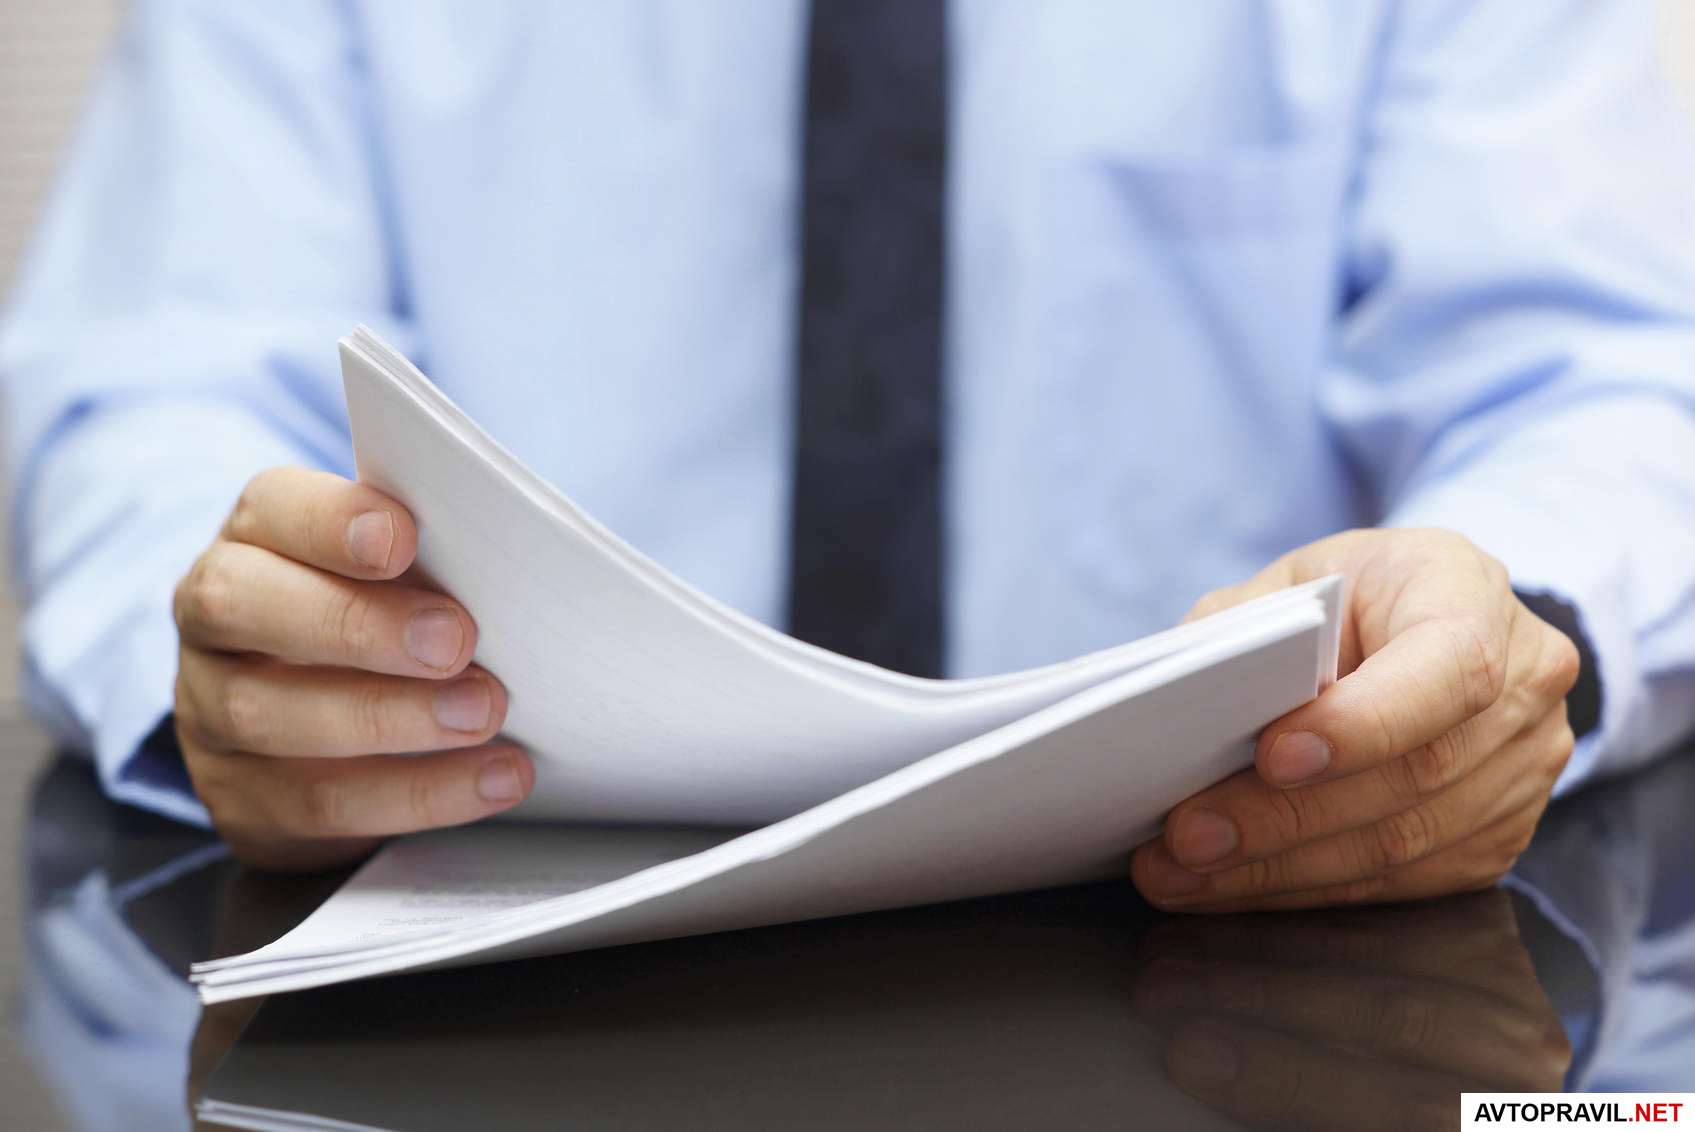 документы  в руках у человека, сидящего за столом